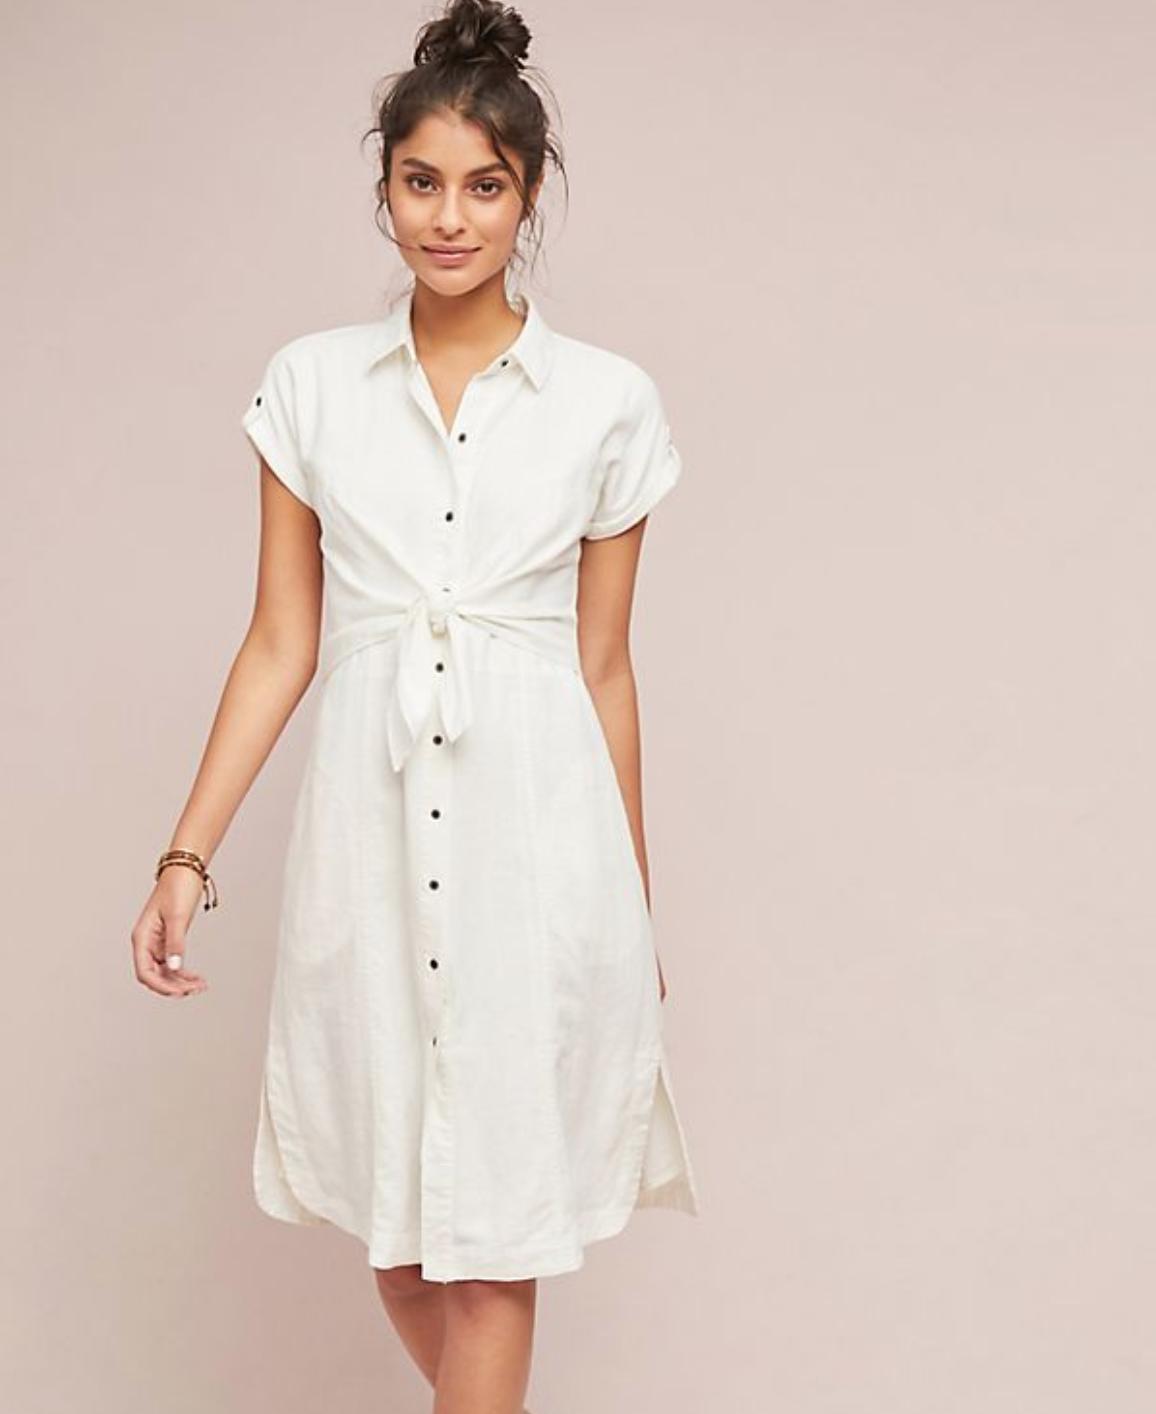 Anthropologie Linen Shirtdress